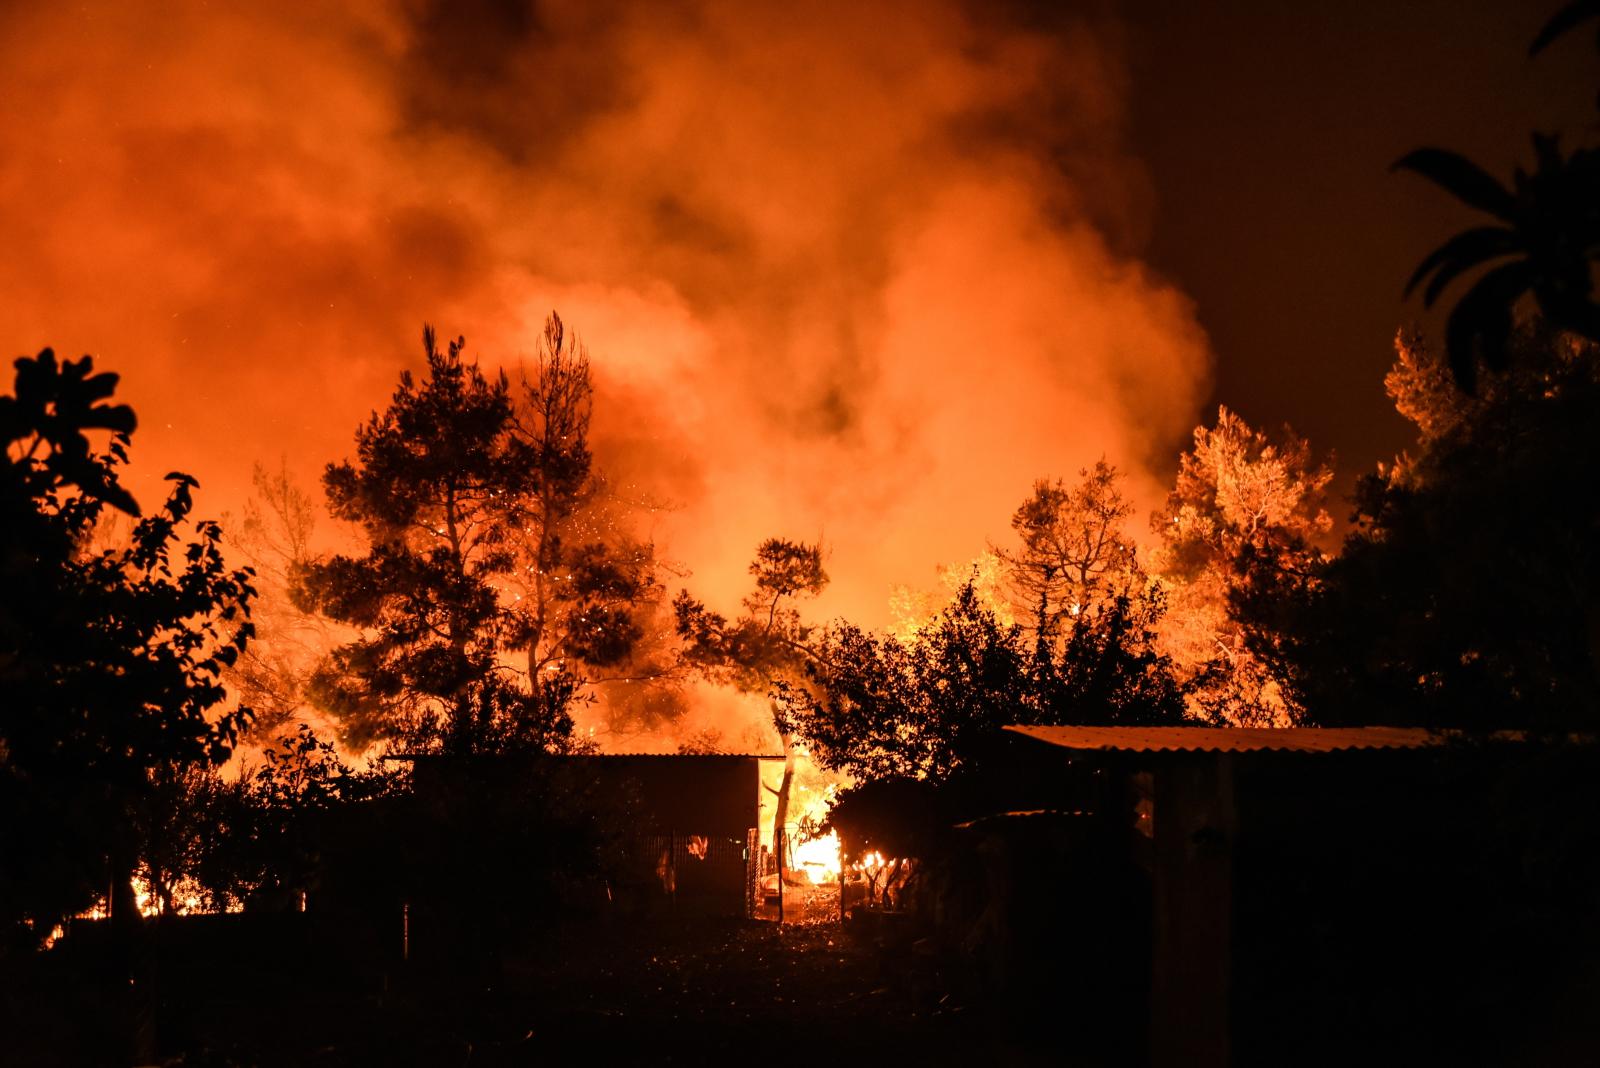 Ogromny pożar w Grecji Fot. EPA/WASSILIS ASWESTOPOULOS